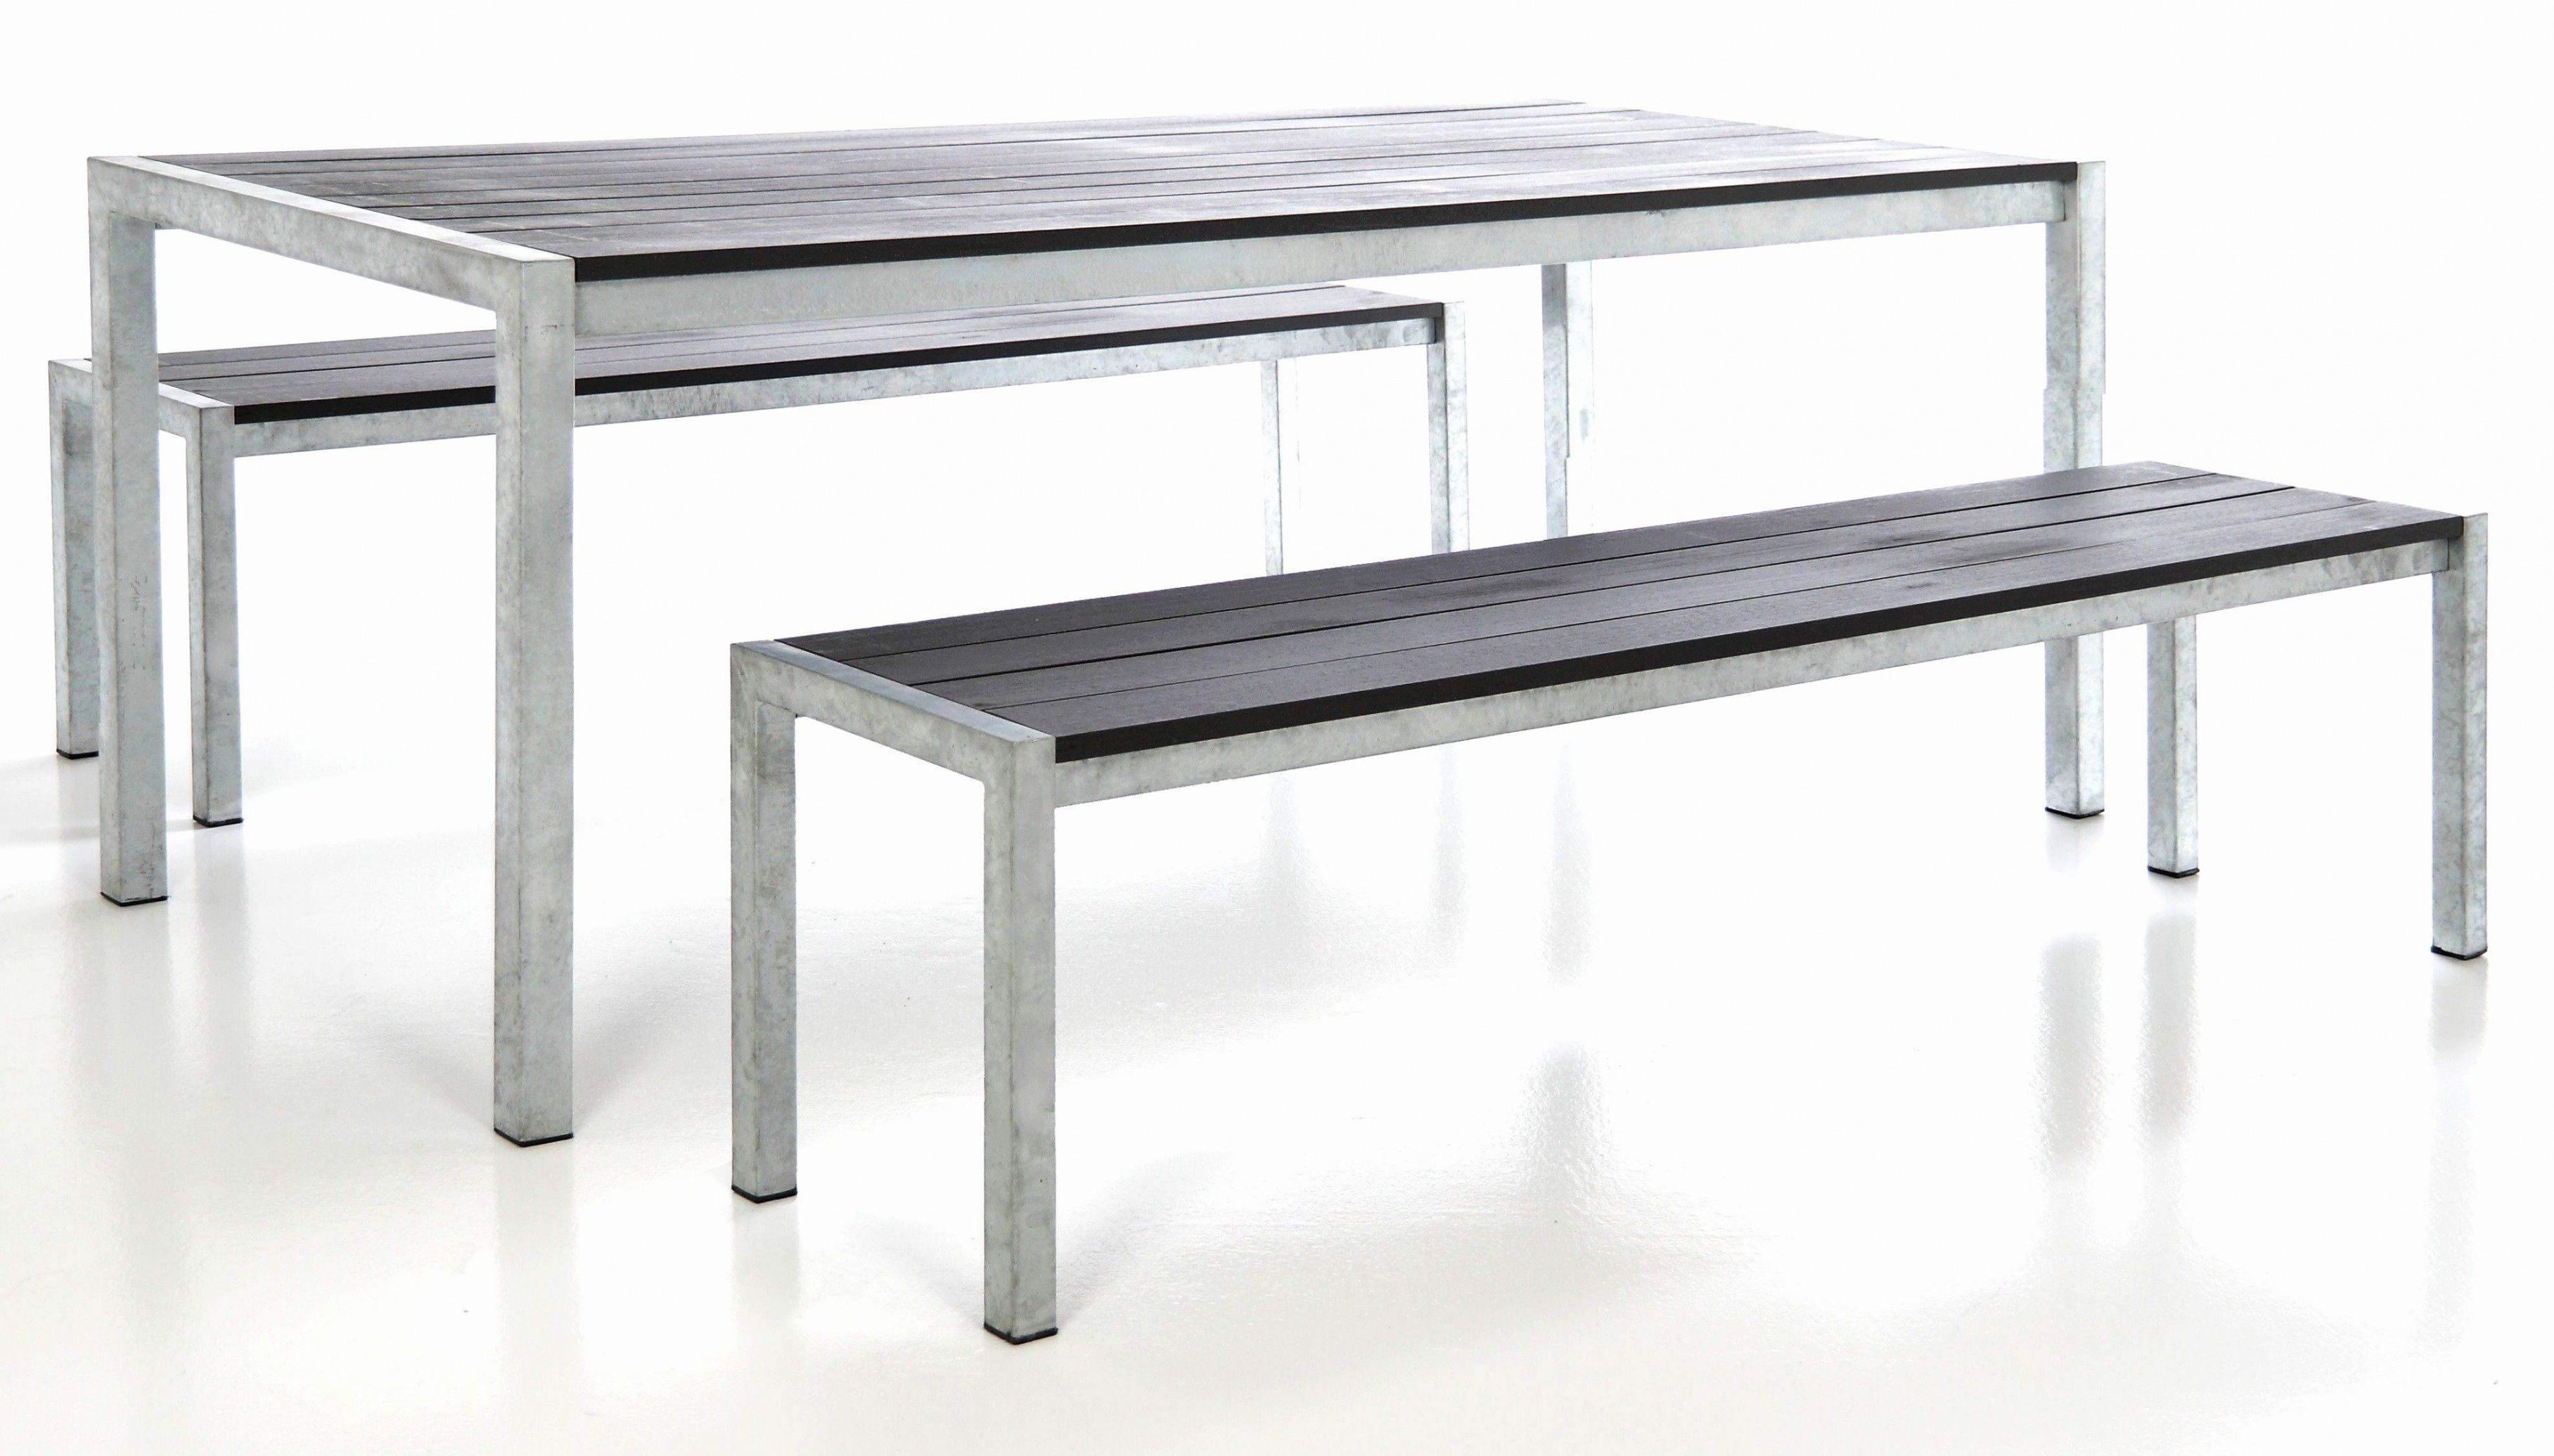 Lit En Bois Pliant Beau Table Bois Pliable